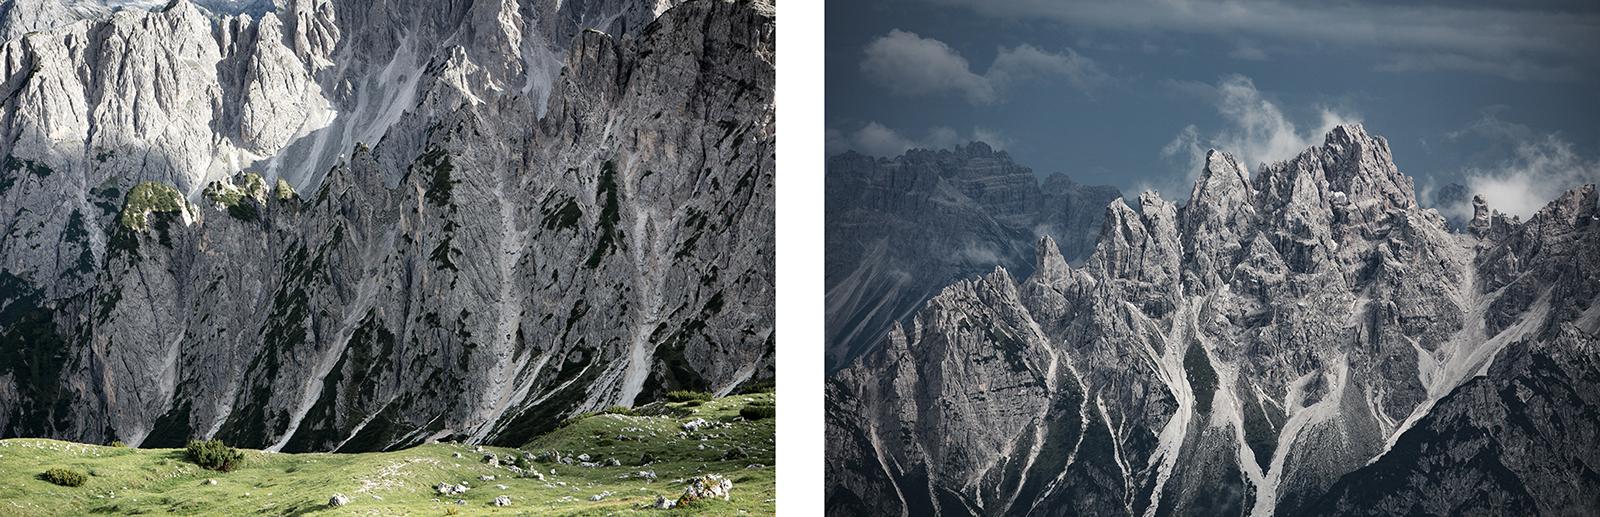 paysages de montagnes dans les dolomites